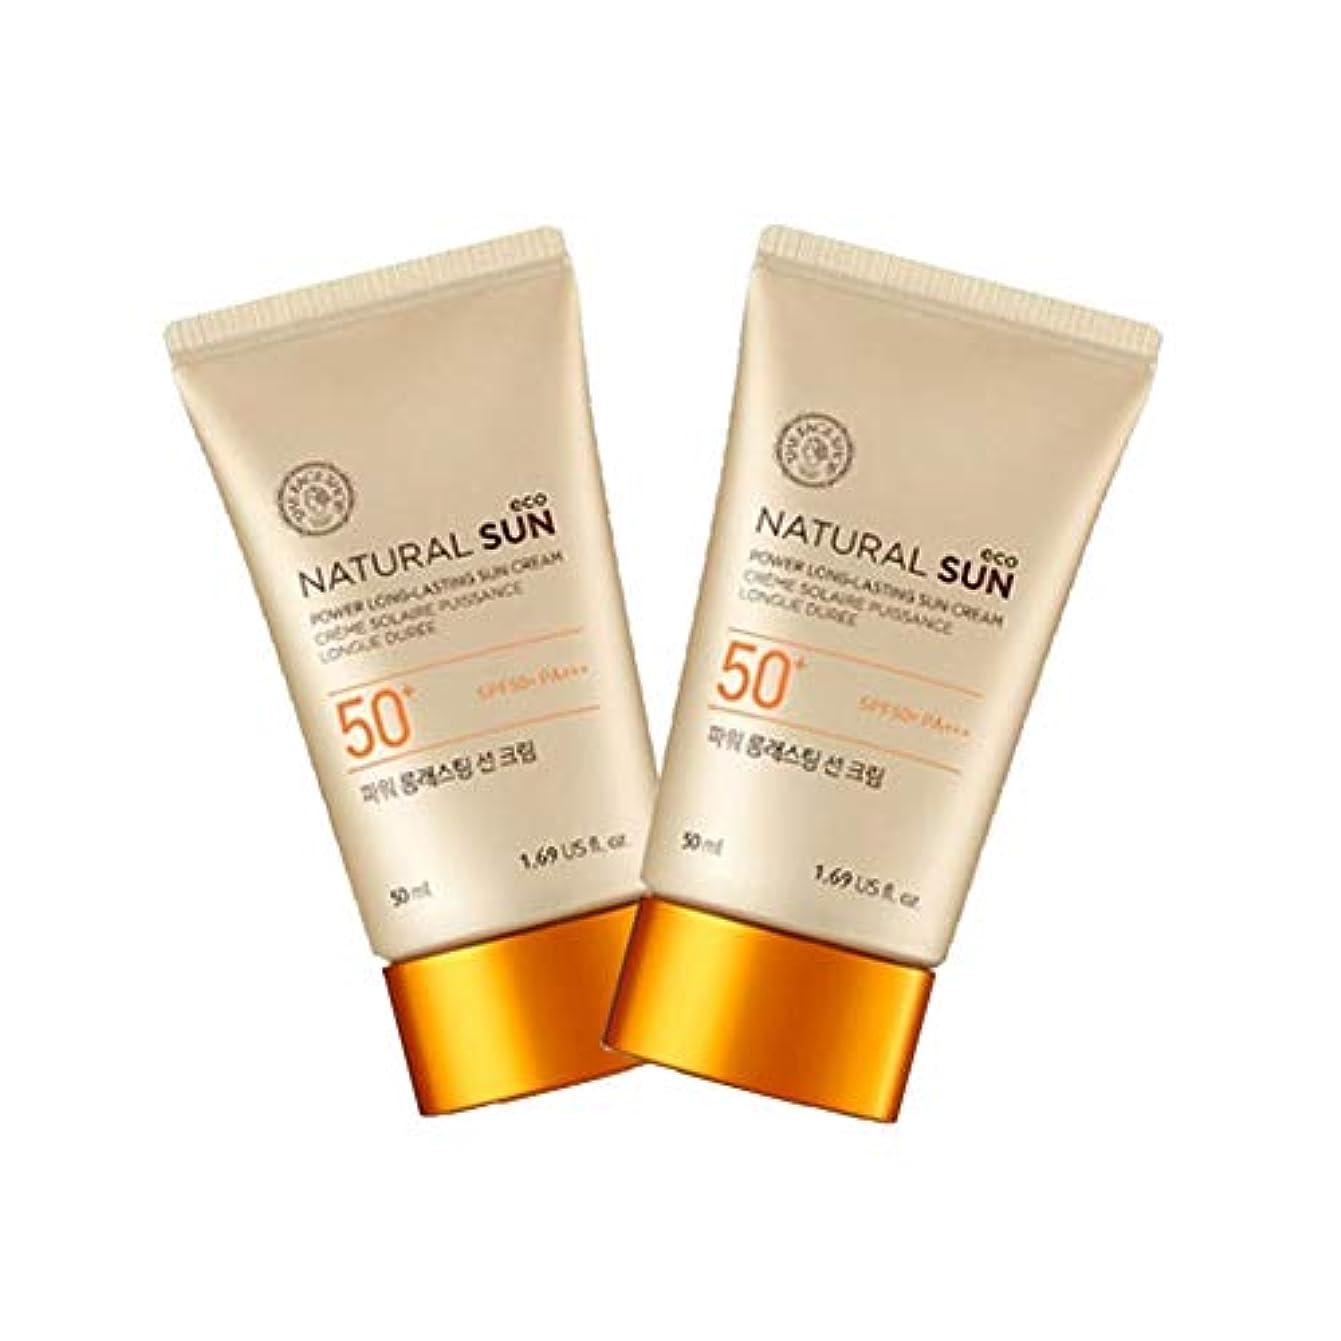 表面的な好みカセットザ?フェイスショップナチュラルサンエコパワーロングラスティングサンクリーム50mlx2本セット韓国コスメ、The Face Shop Natural Sun Eco Power Long Lasting Sun Cream...